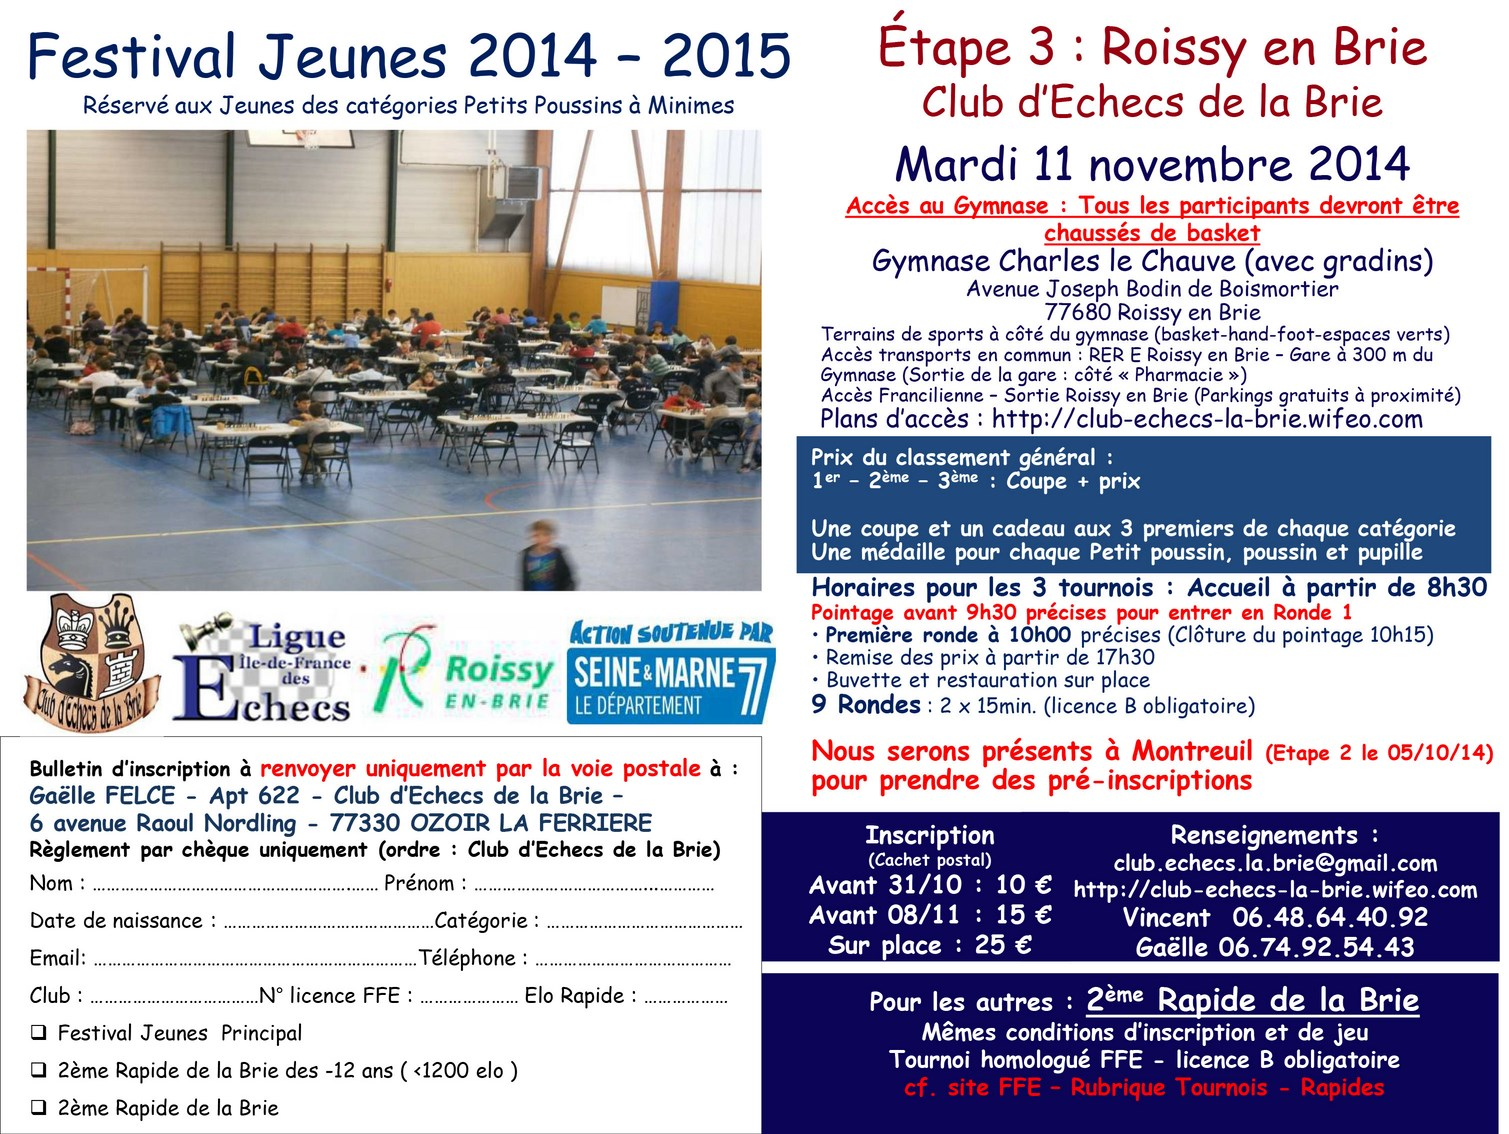 festival jeunes 2eme rapide brie roissy en brie 11-11-2014